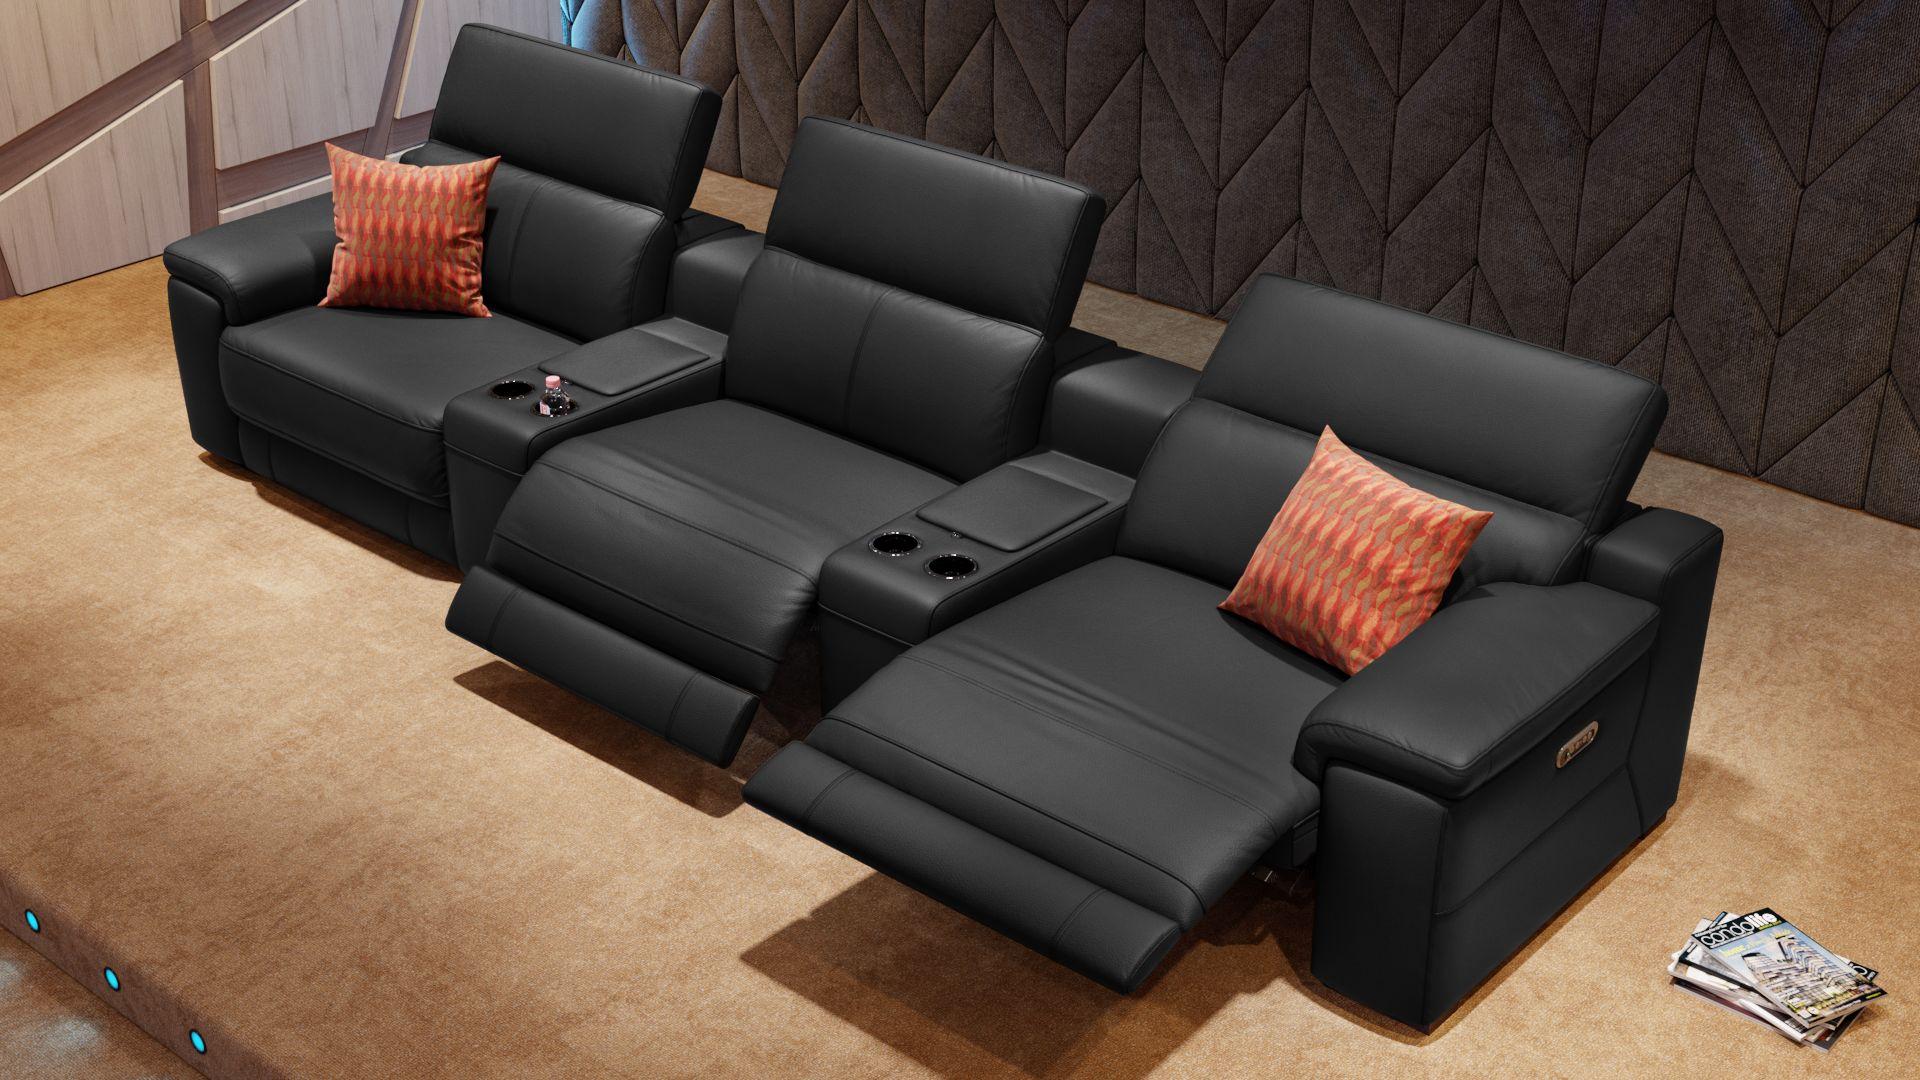 Leder 3-Sitzer Kinosofa mit zwei Mittelkonsolen SORA